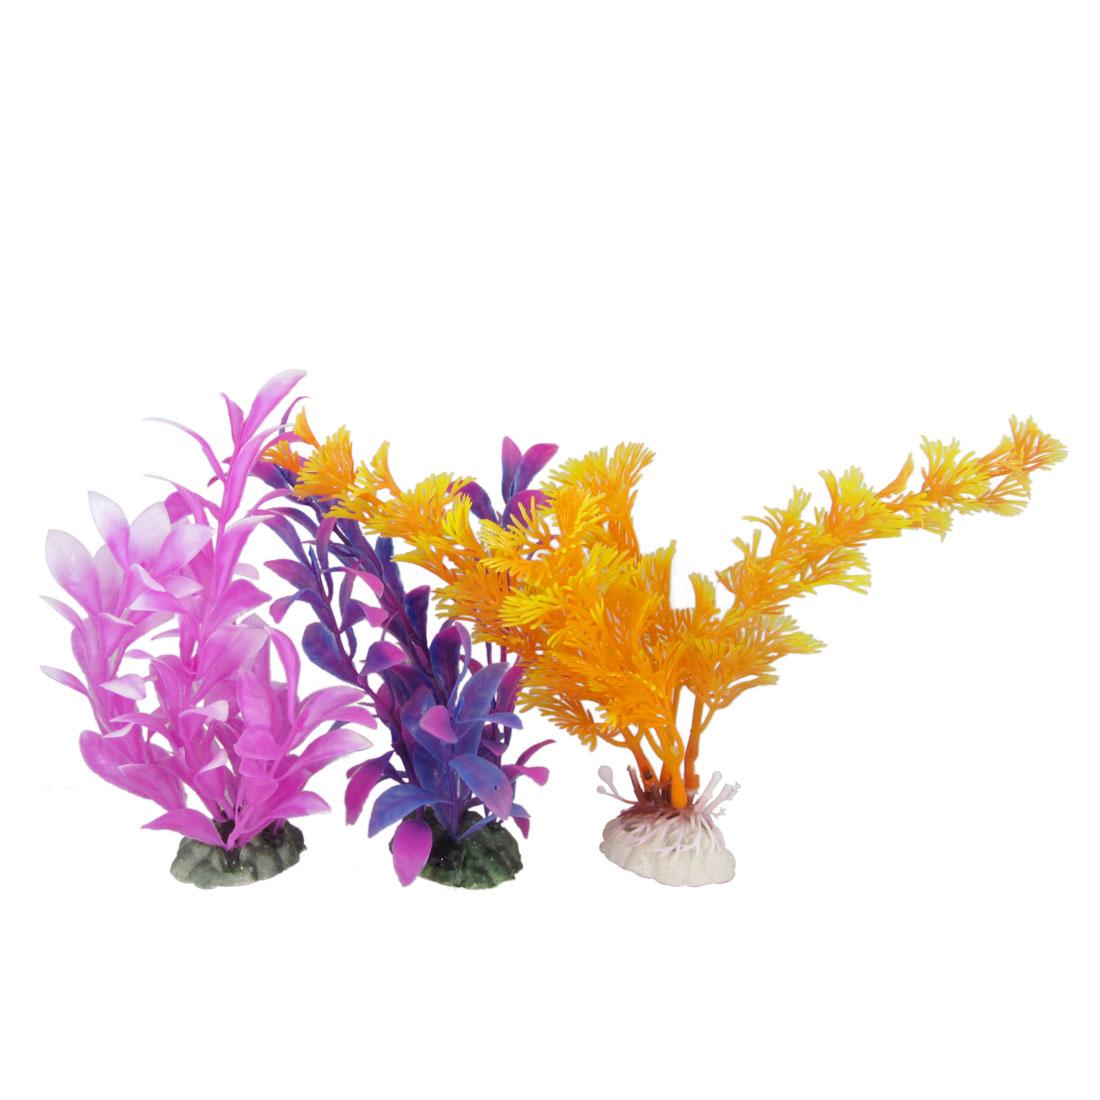 3 Pcs Manmade Orange Purple Plastic Plant Ornament for Aquarium Fish Tank